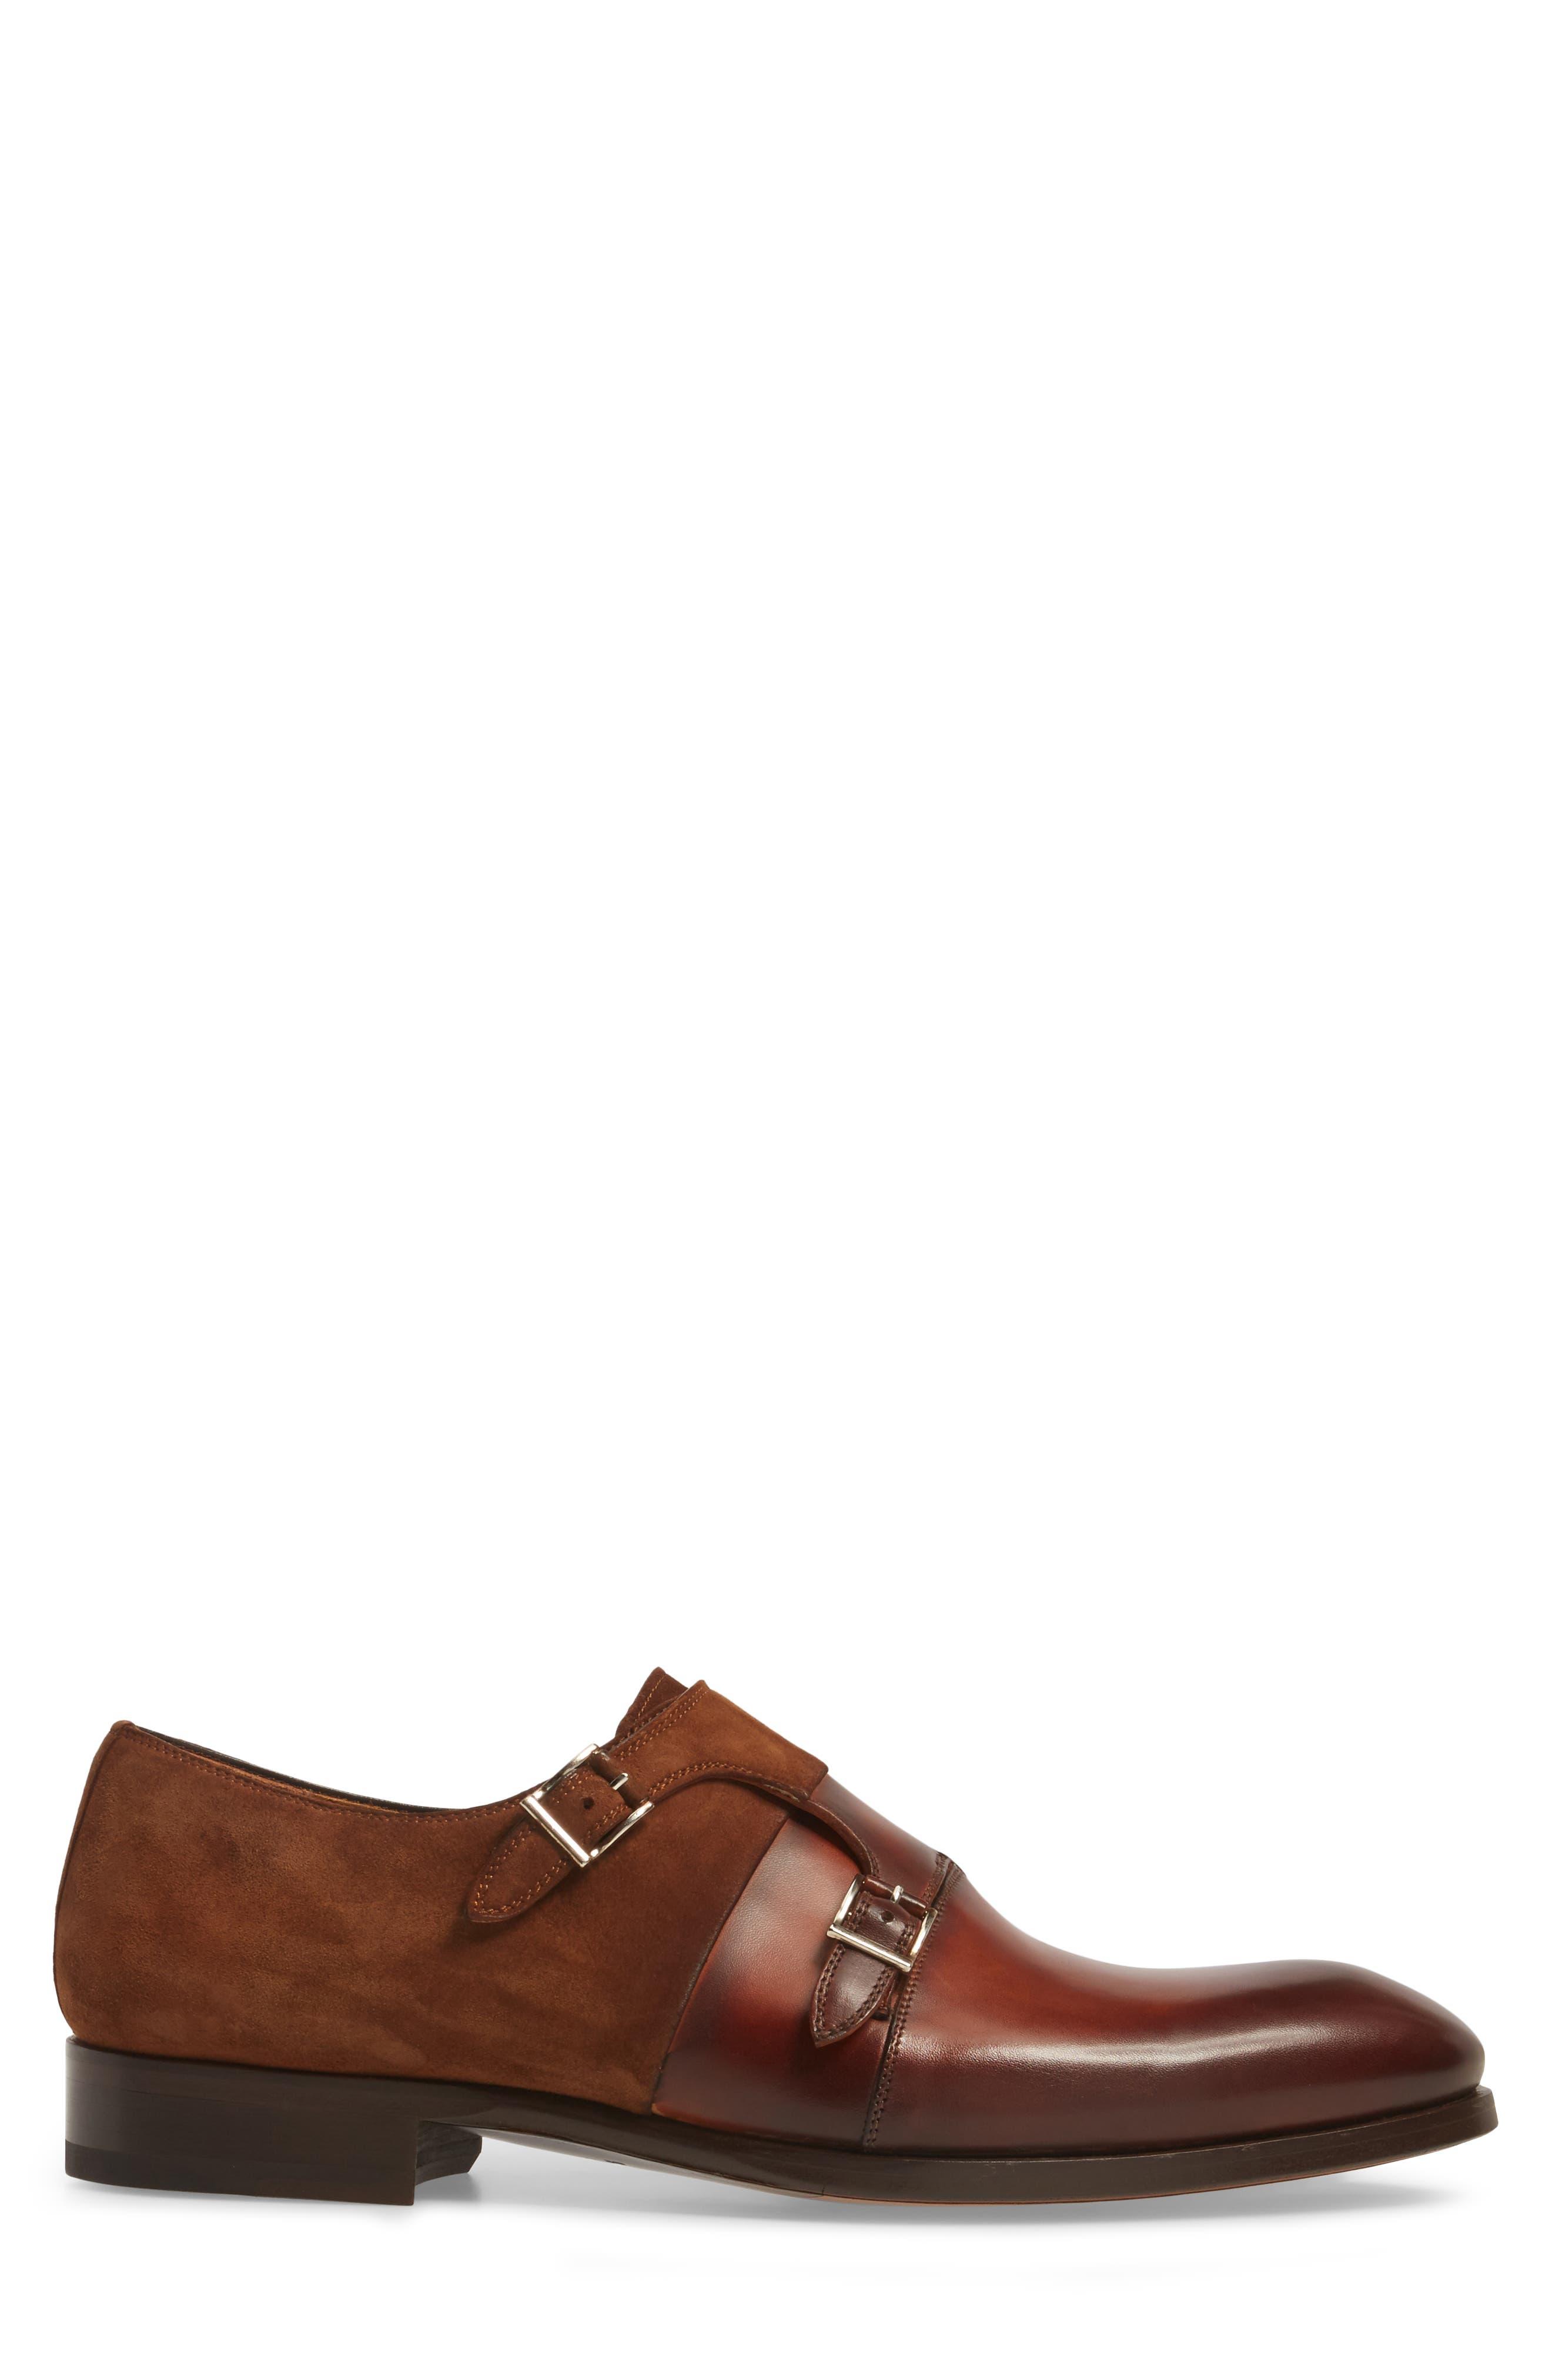 Orville Double Monk Strap Shoe,                             Alternate thumbnail 3, color,                             219